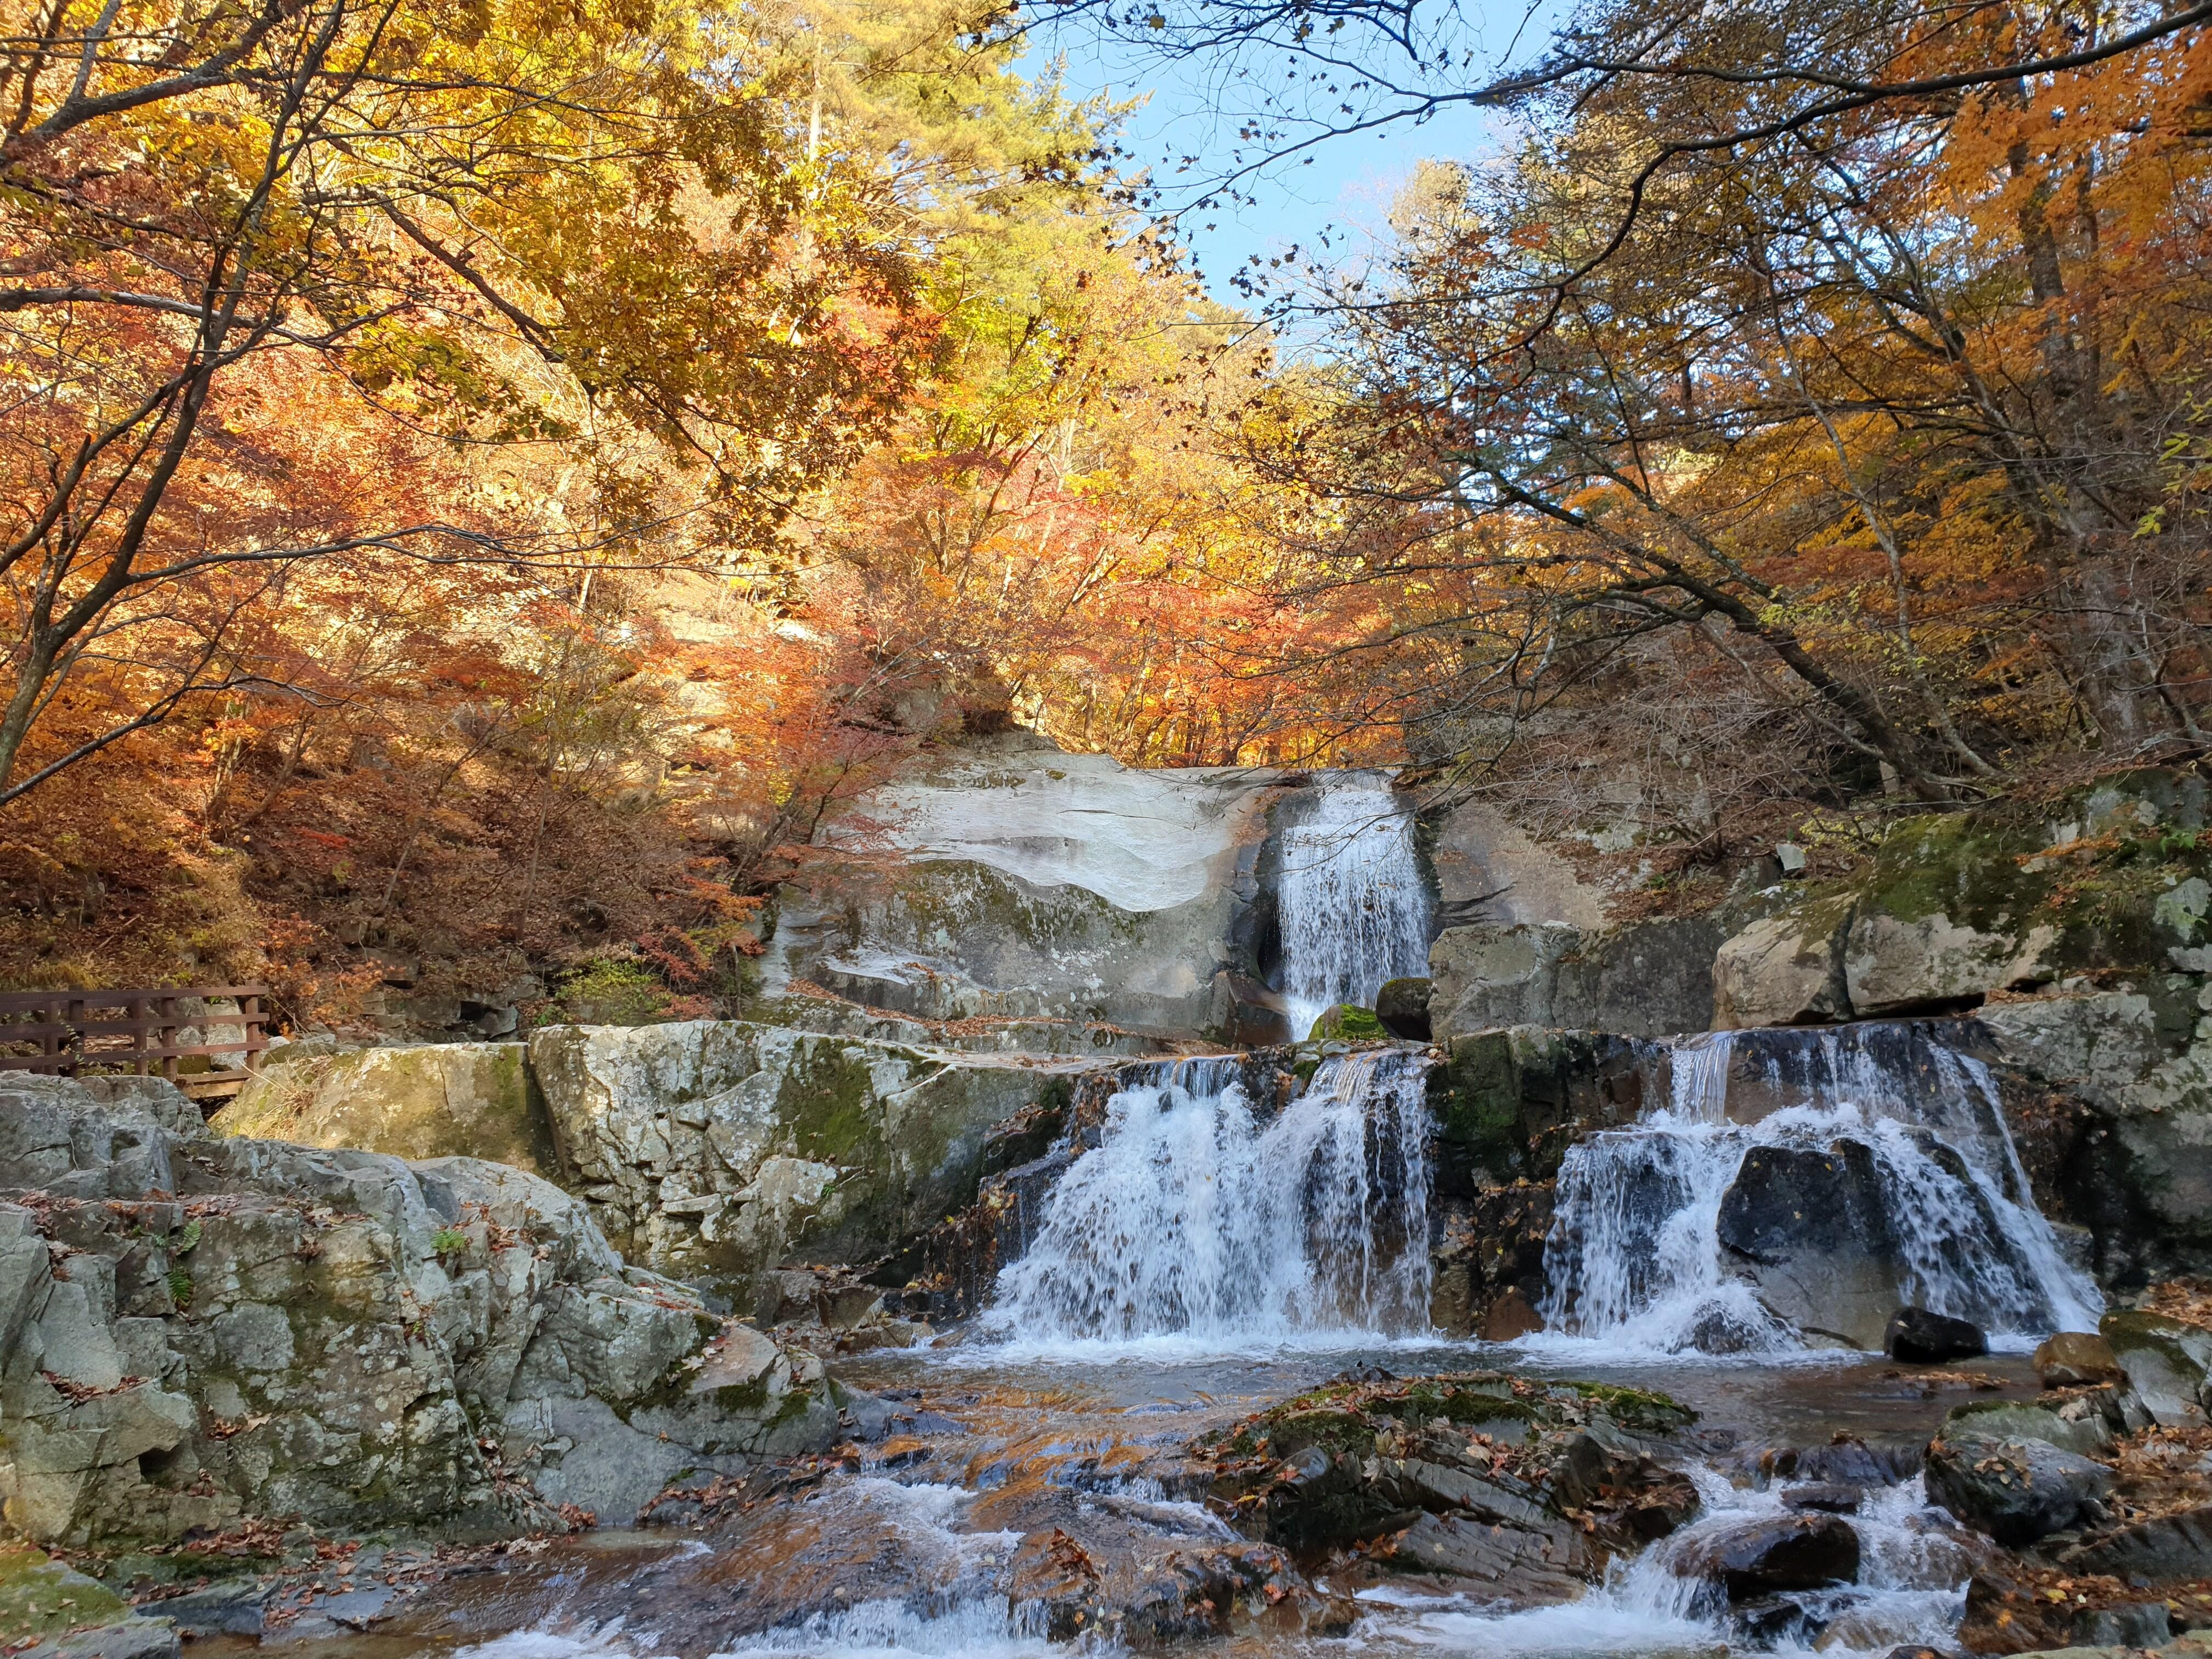 방태산자연휴양림 계곡 가을단풍(이단폭포)_2020년 10월 20일 15시 촬영.jpg